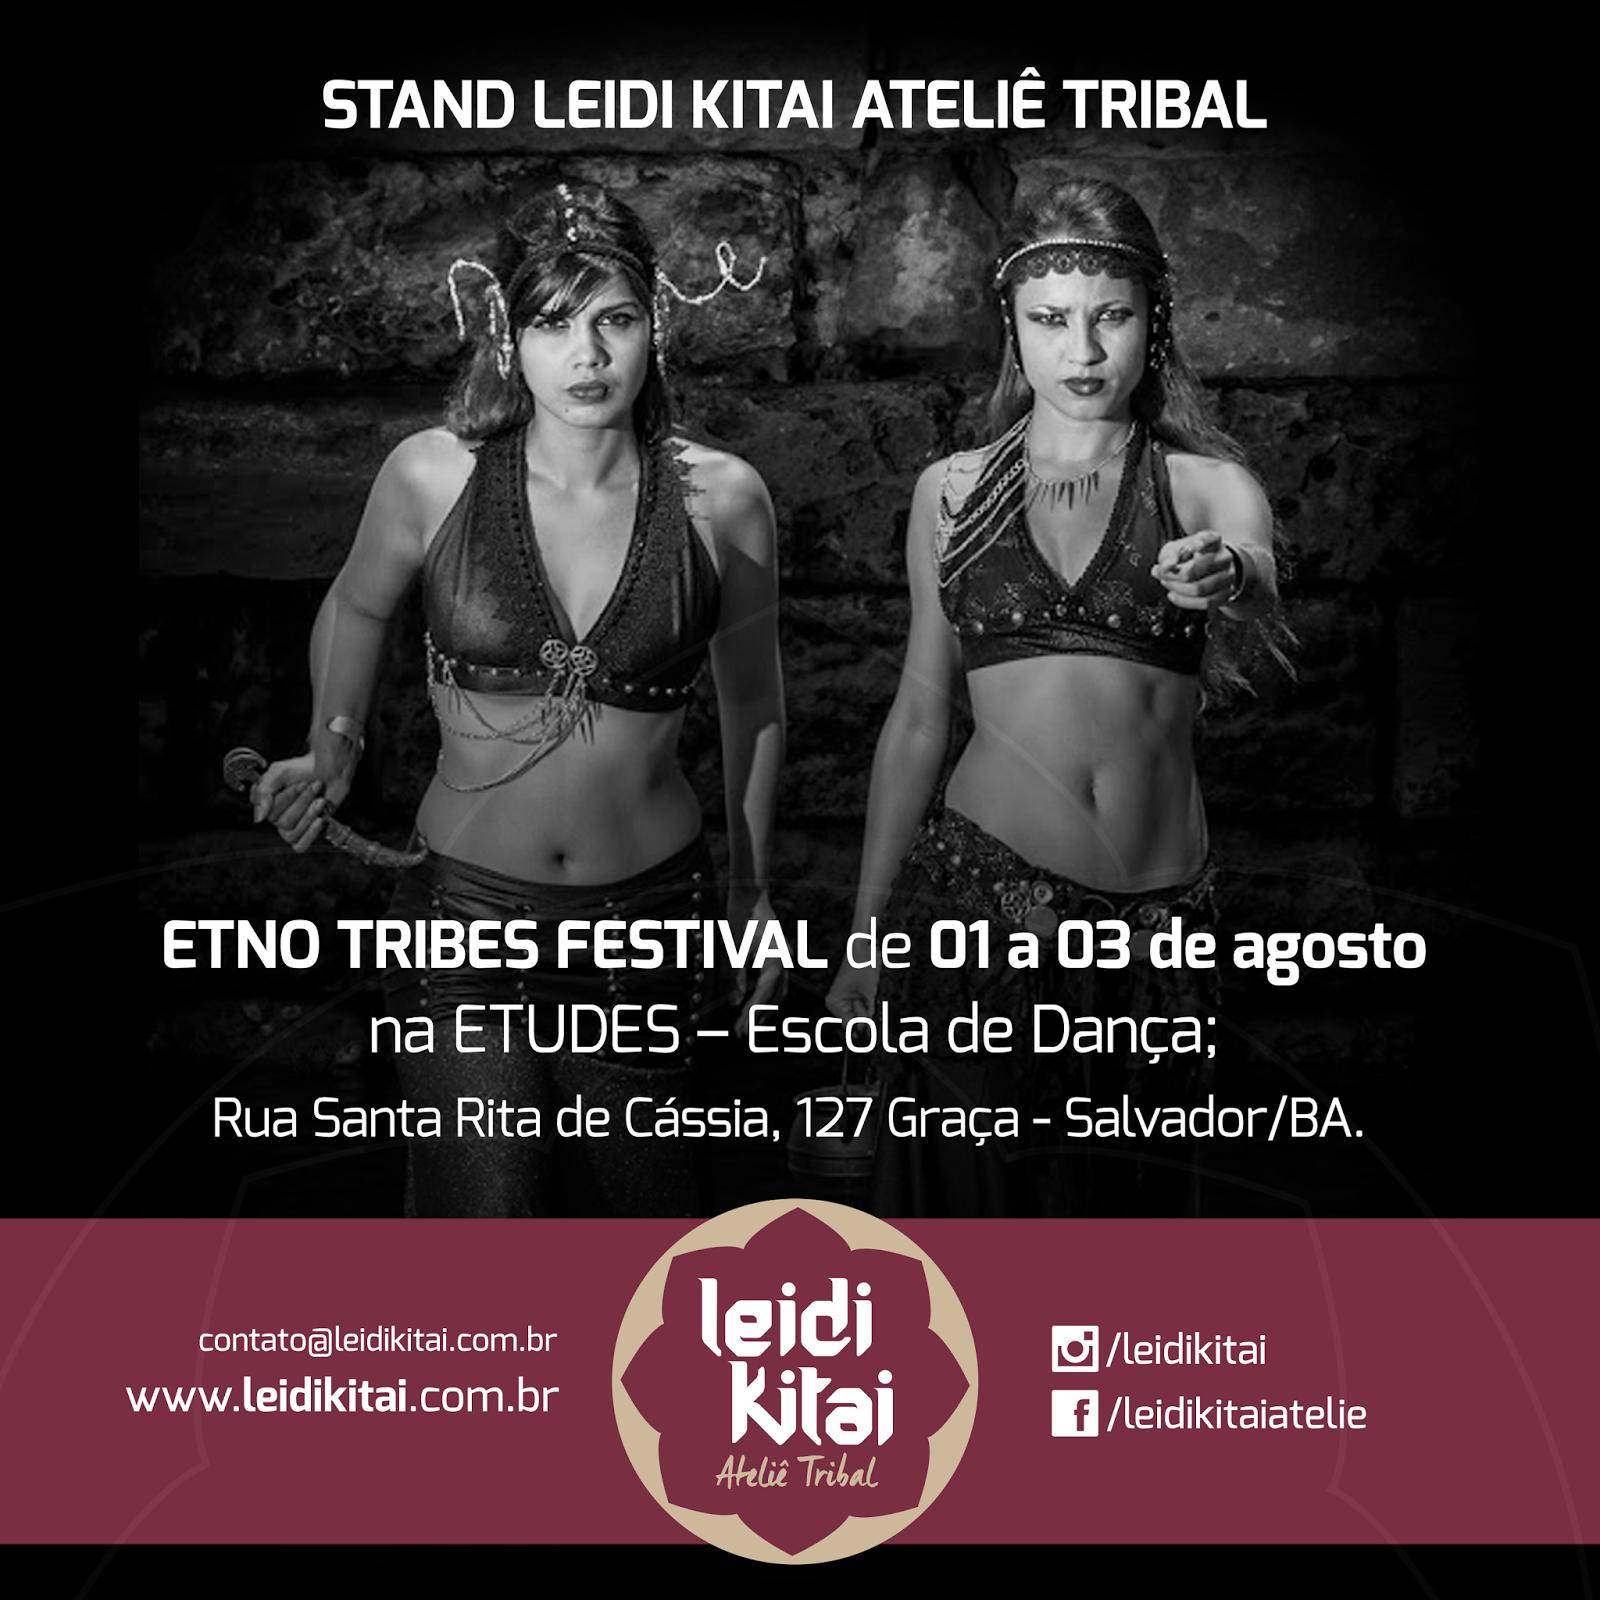 EtnoTribes Festival